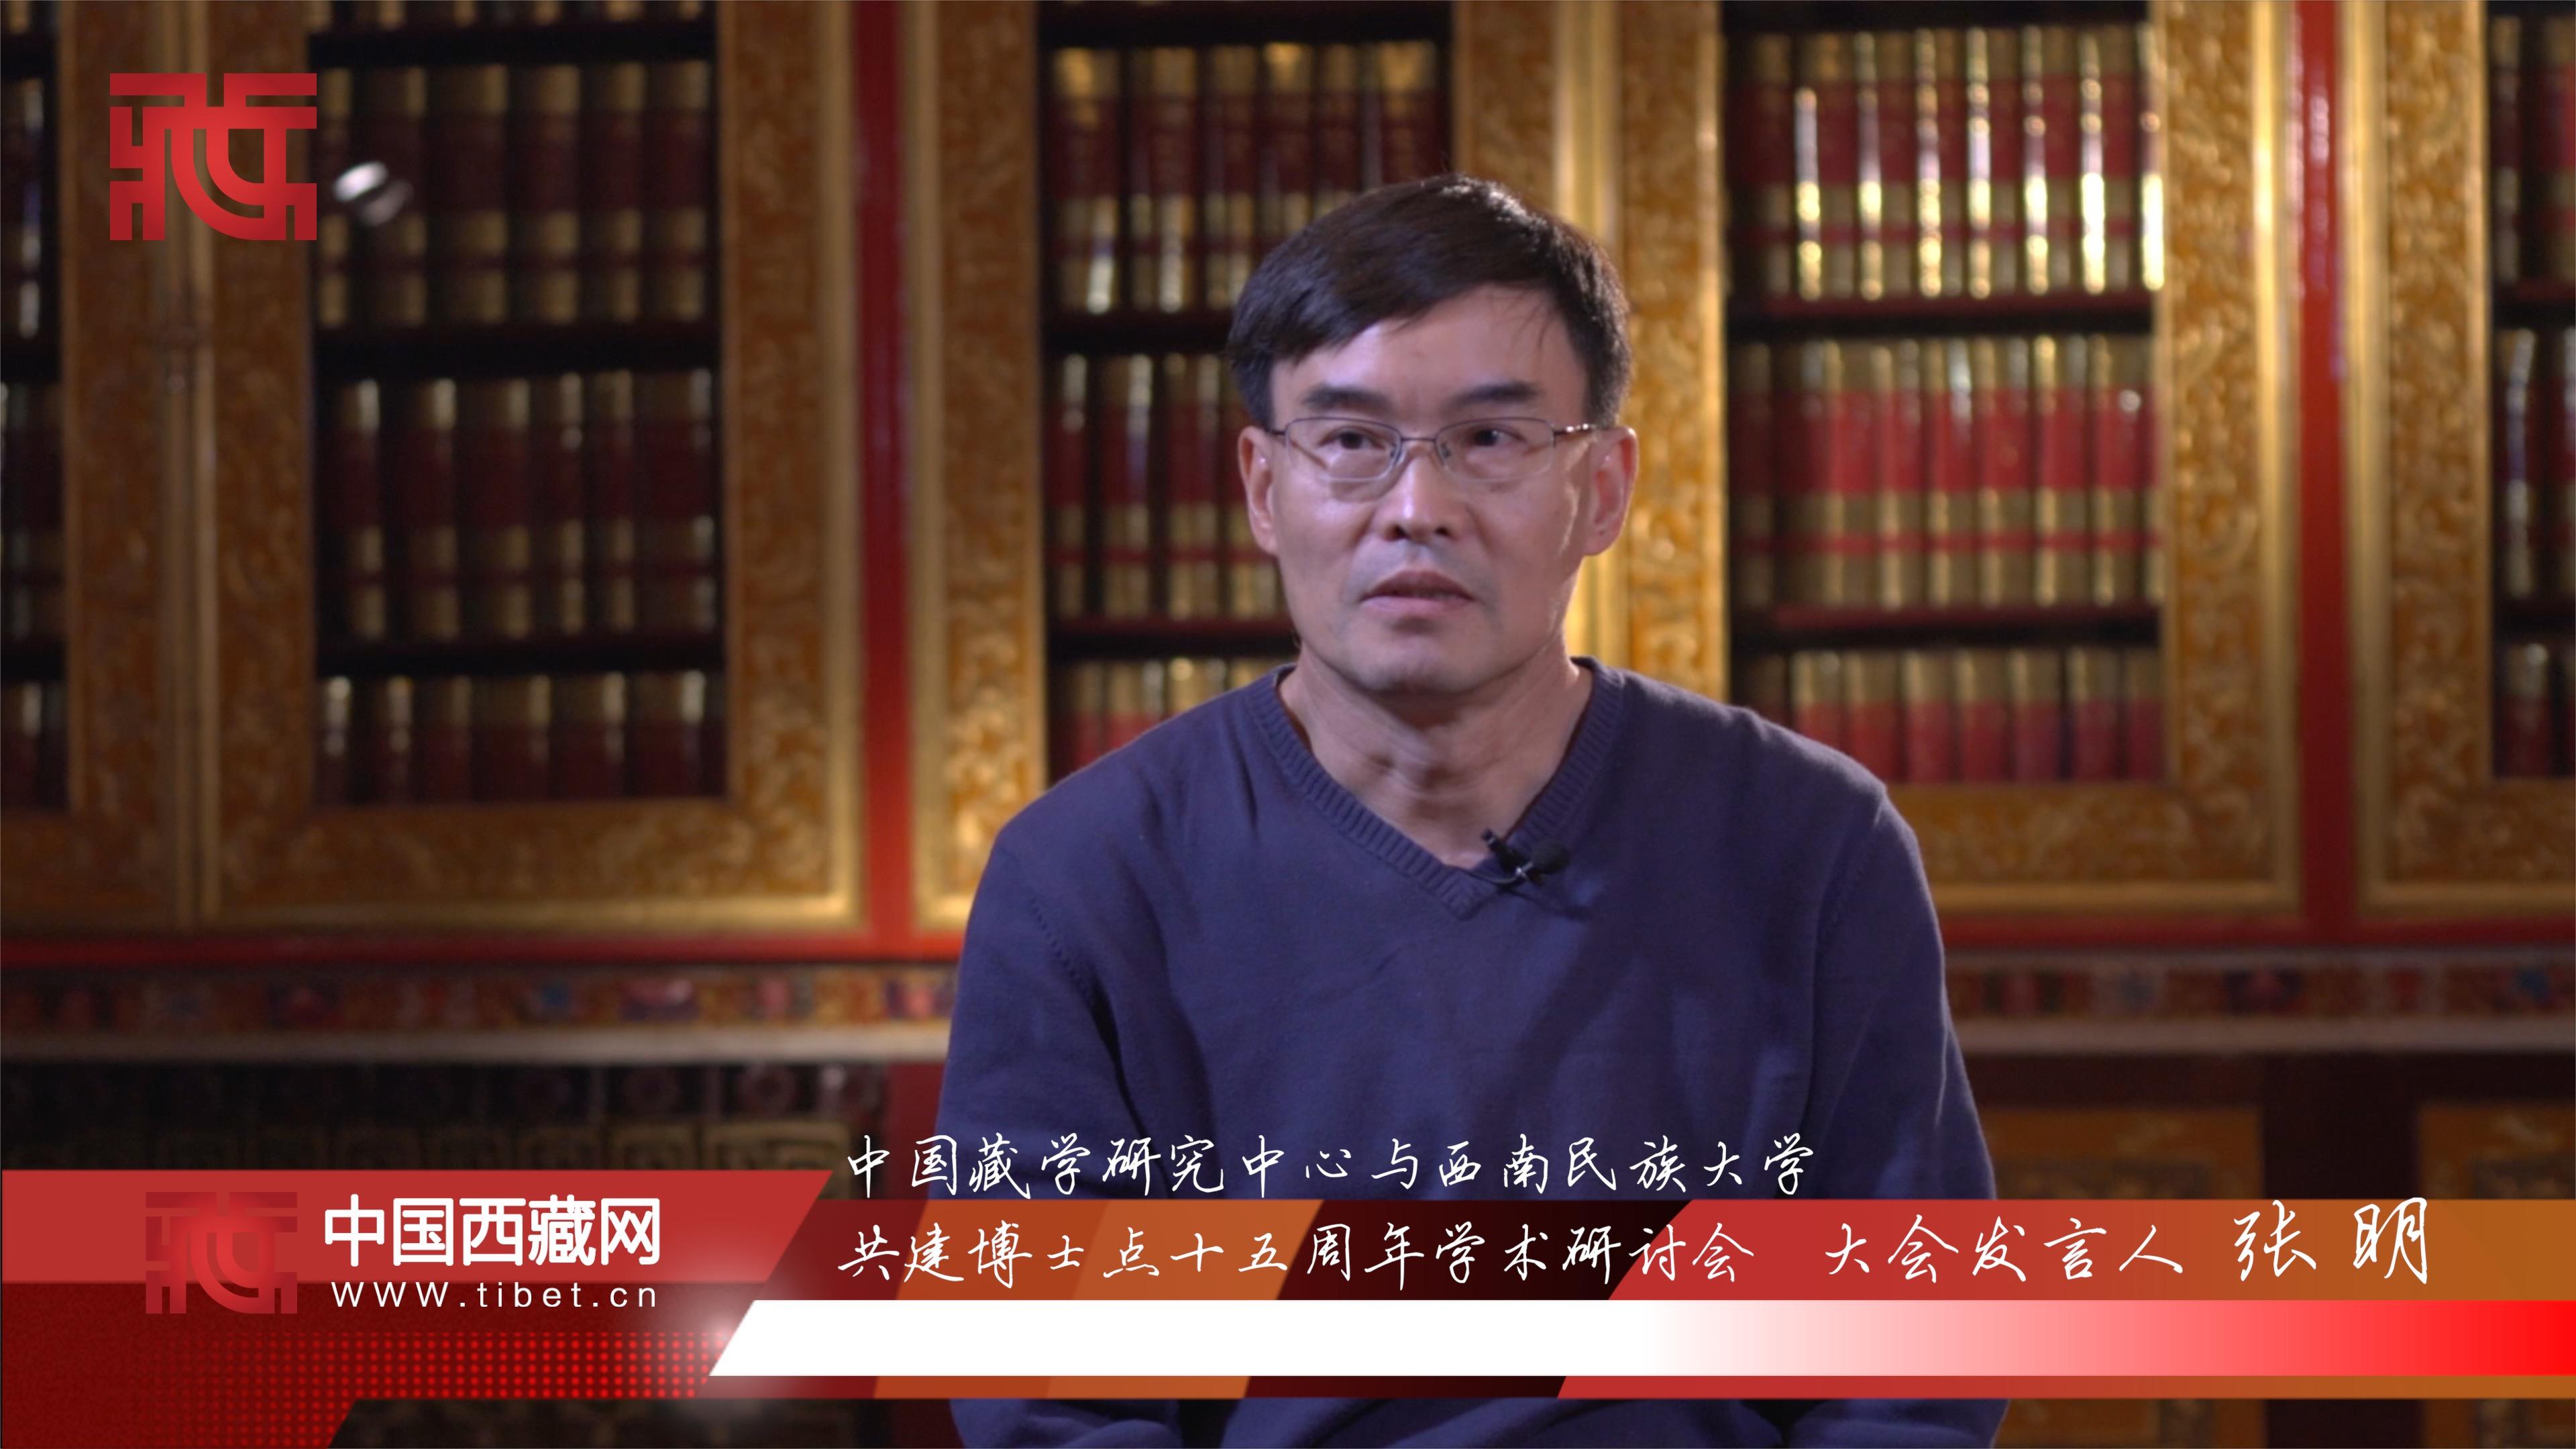 藏族影视人类学研究员张明:学科需均衡发展 纪录片自主创新仍需努力